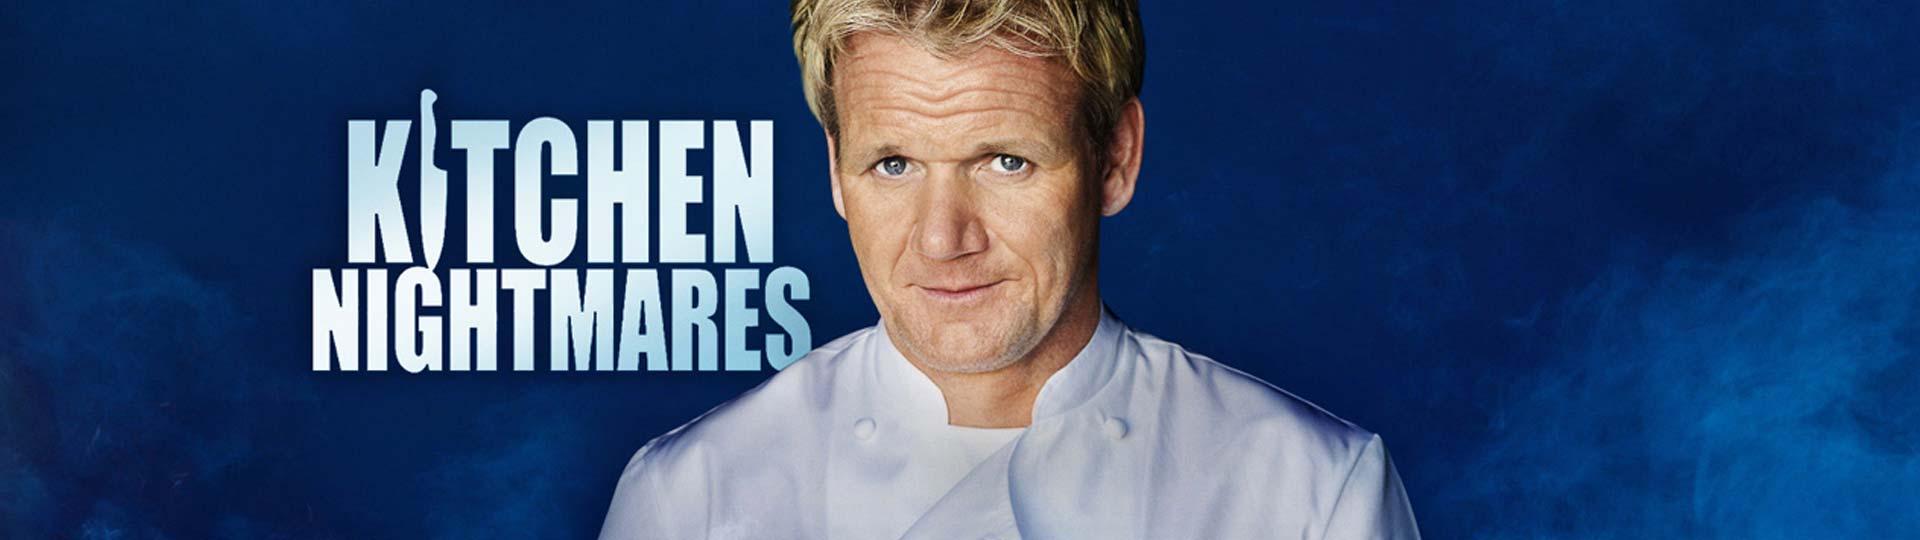 Ramsays Kitchen Nightmare Episodes